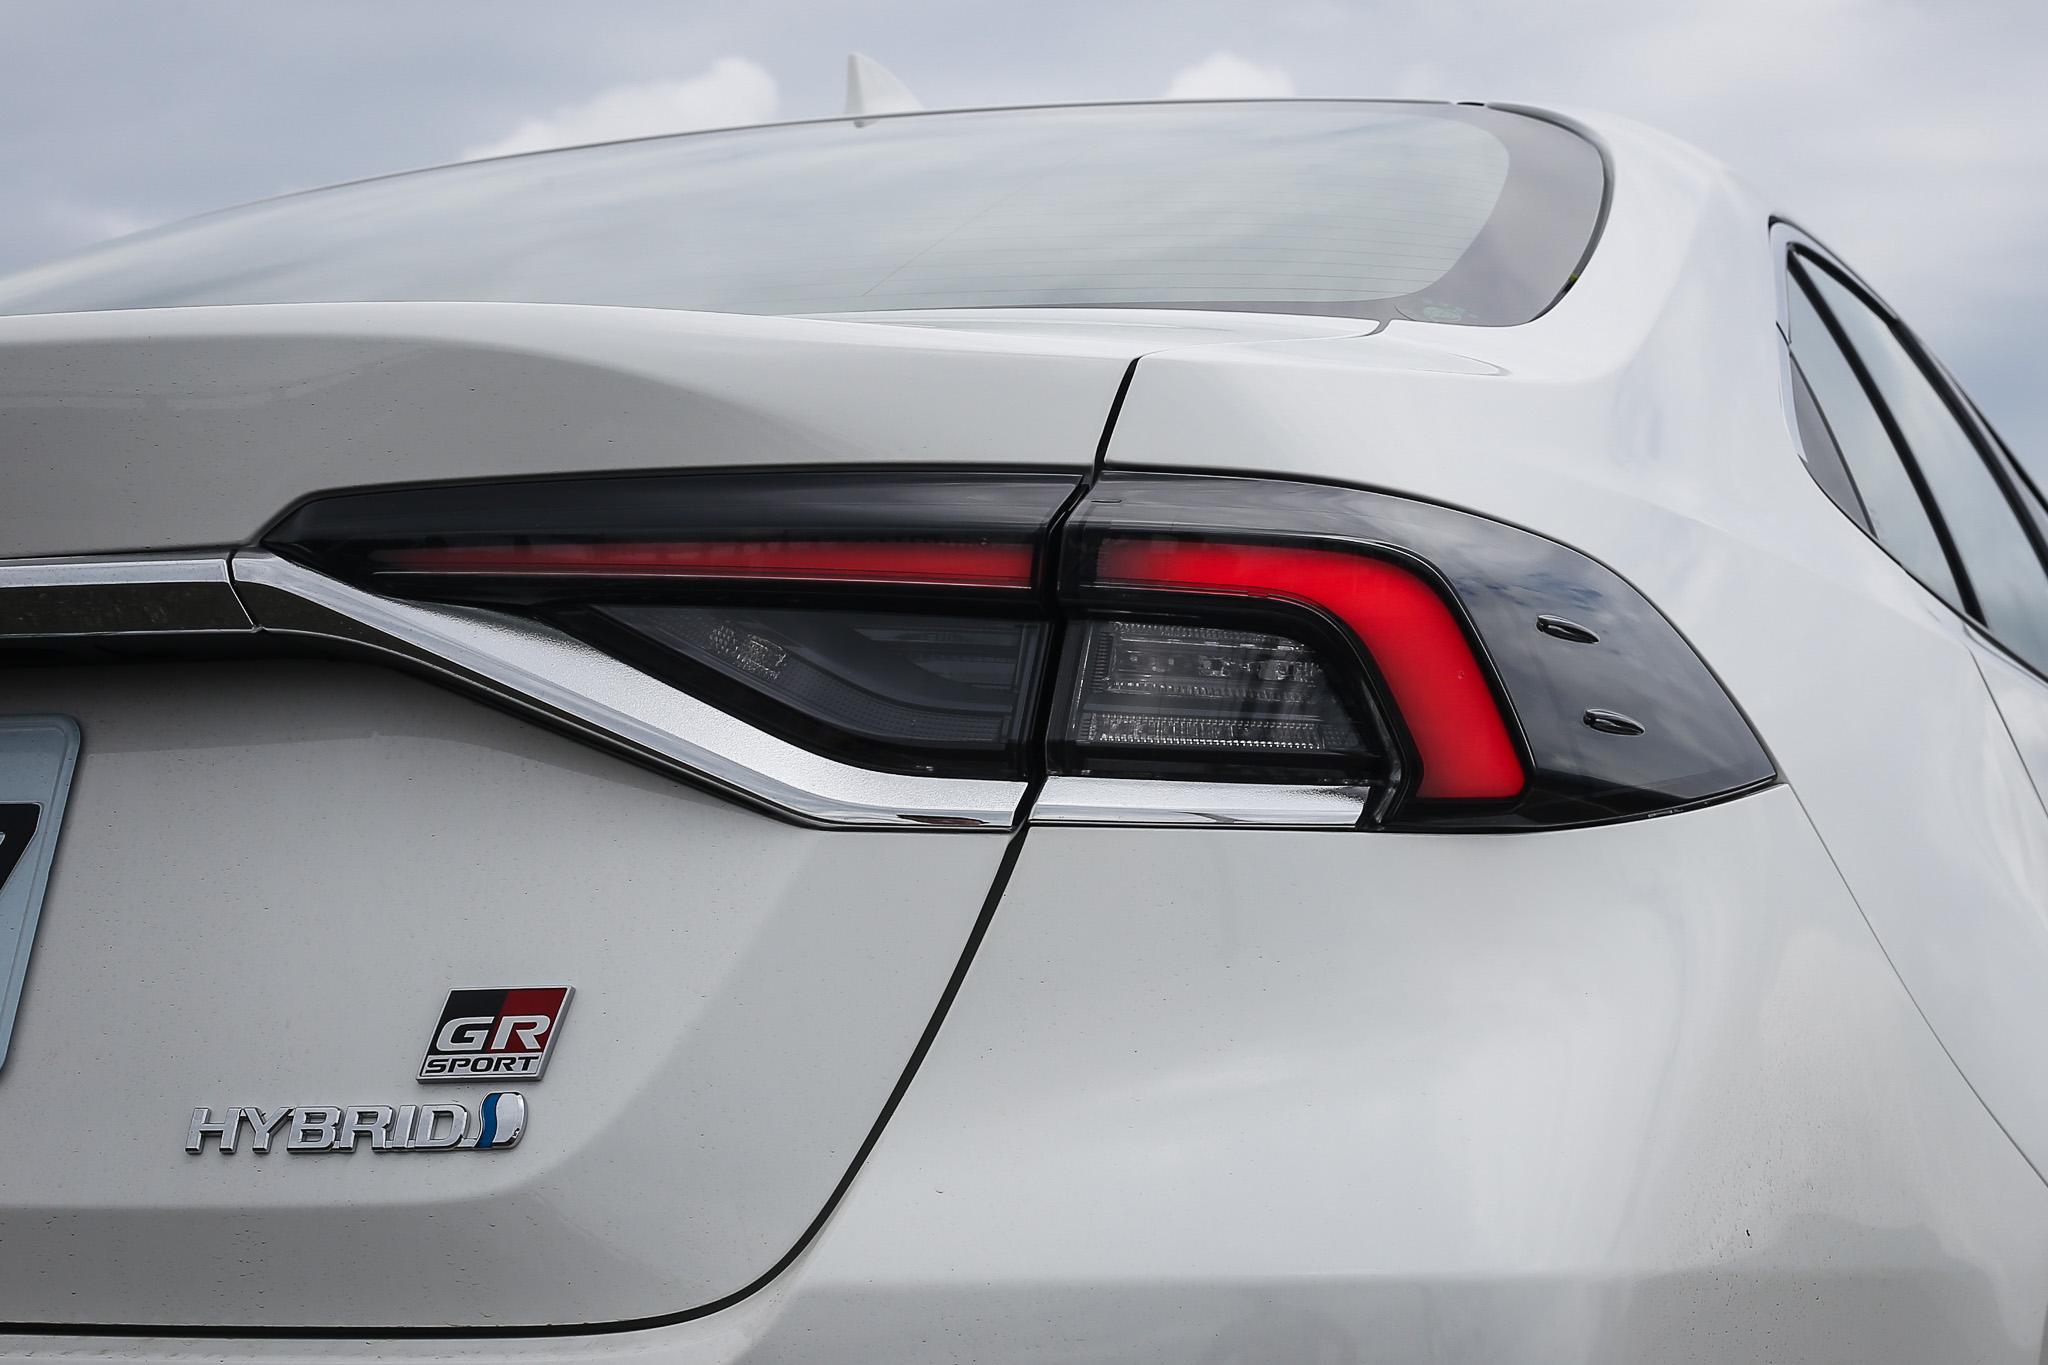 燻黑的 LED 光條式尾燈加上專屬的 GR Sport 銘牌,在路上應該很容易一眼認出。